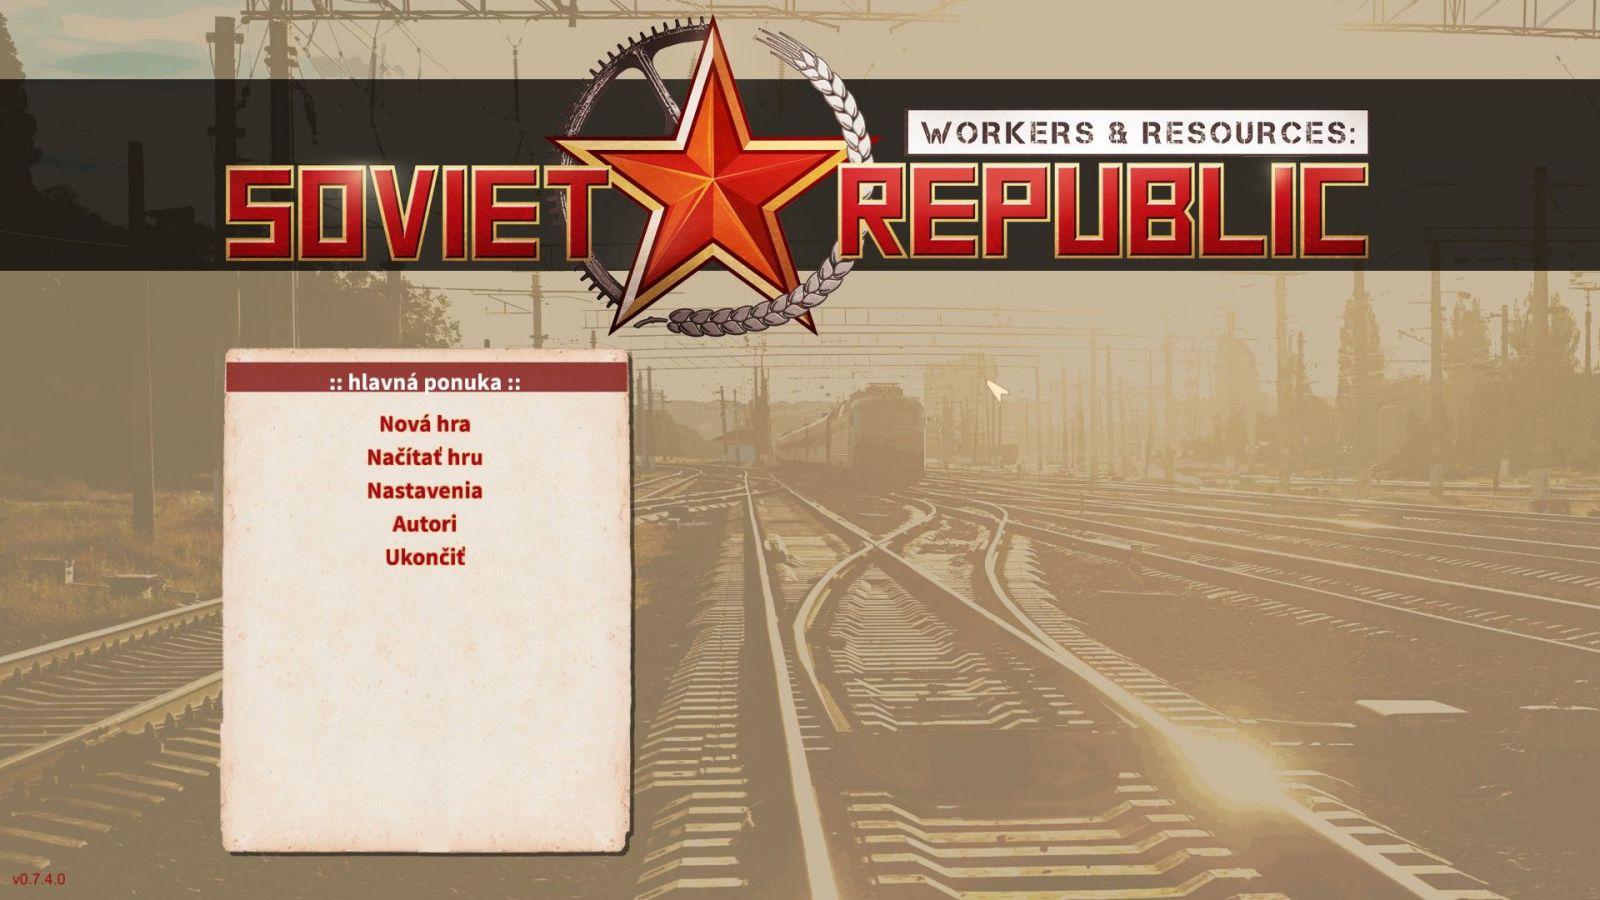 Vyskúšali sme sovietsky simulátor od slovenského vývojára. Predalo sa dosť kusov, aby som pokračoval vo vývoji, hovorí